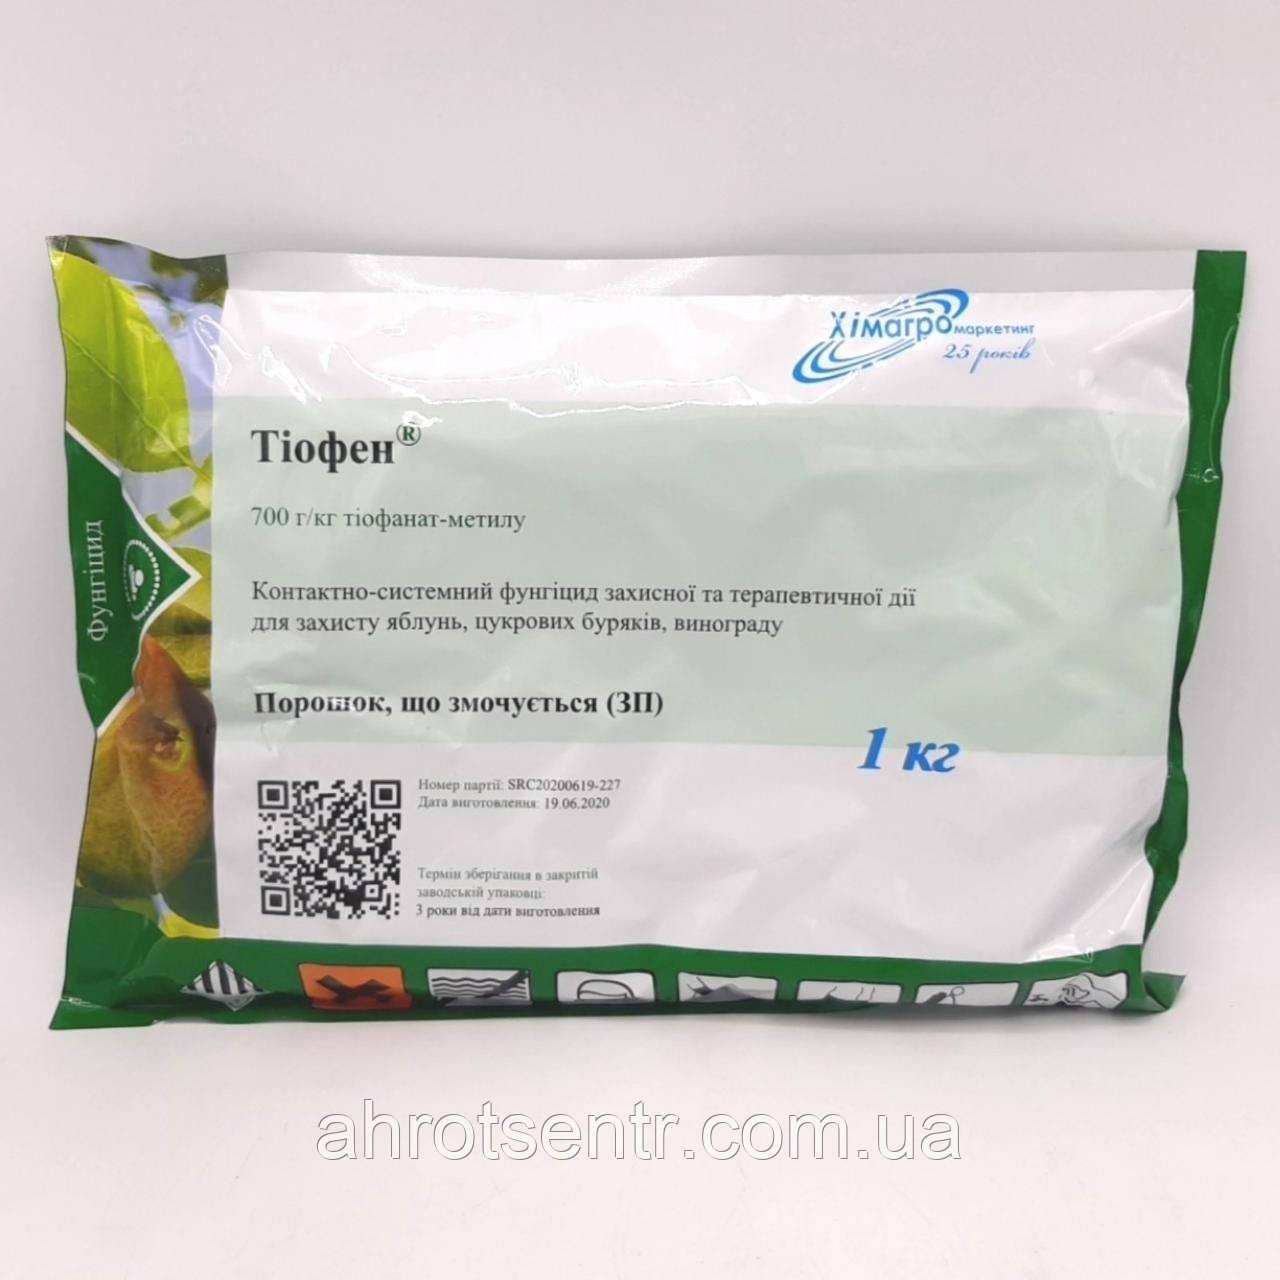 Фунгіцид Тиофен 1кг аналог Топсина ХимАгроМаркетинг